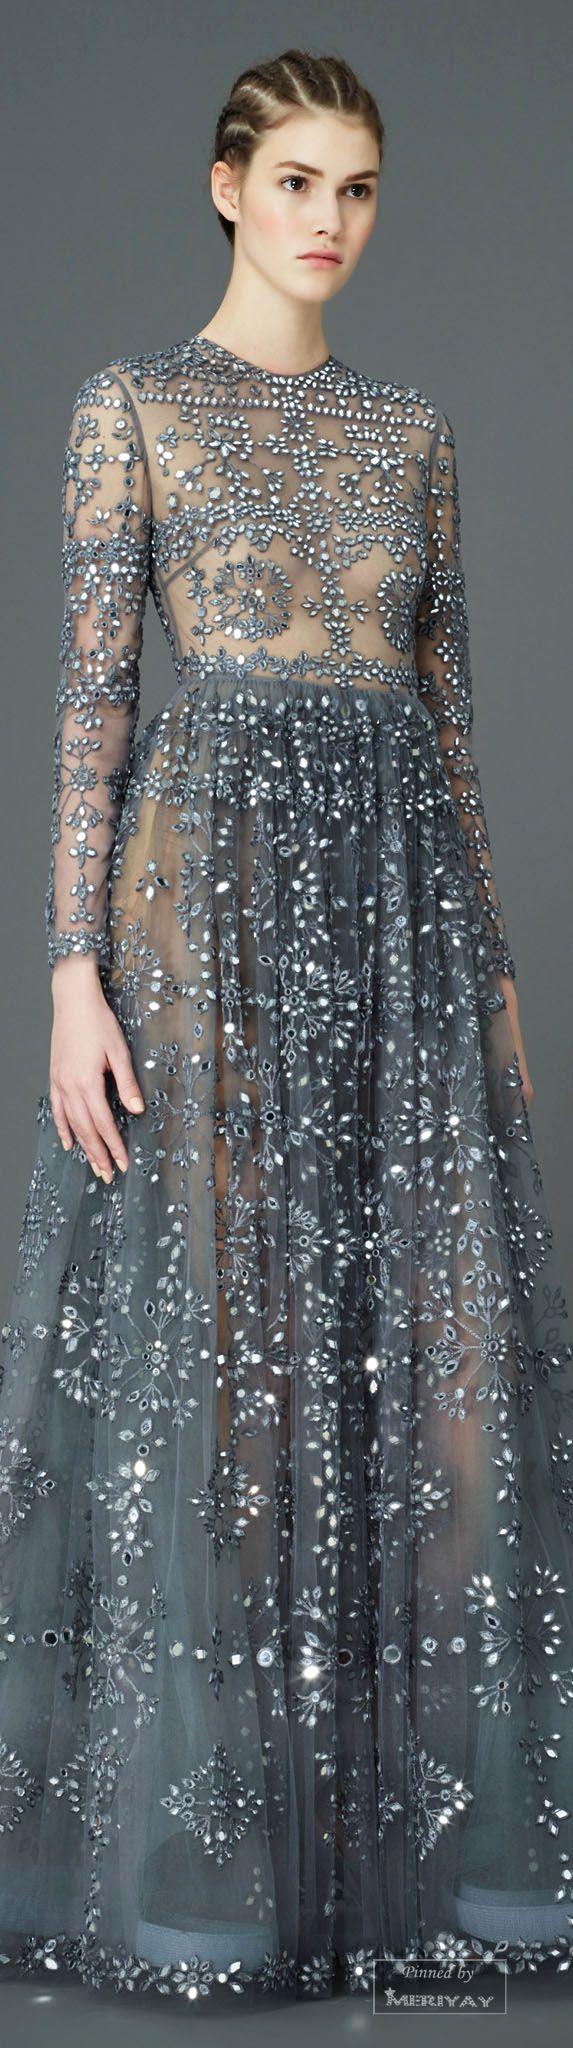 Vestidos para madrinas de la colección de Valentino 2015